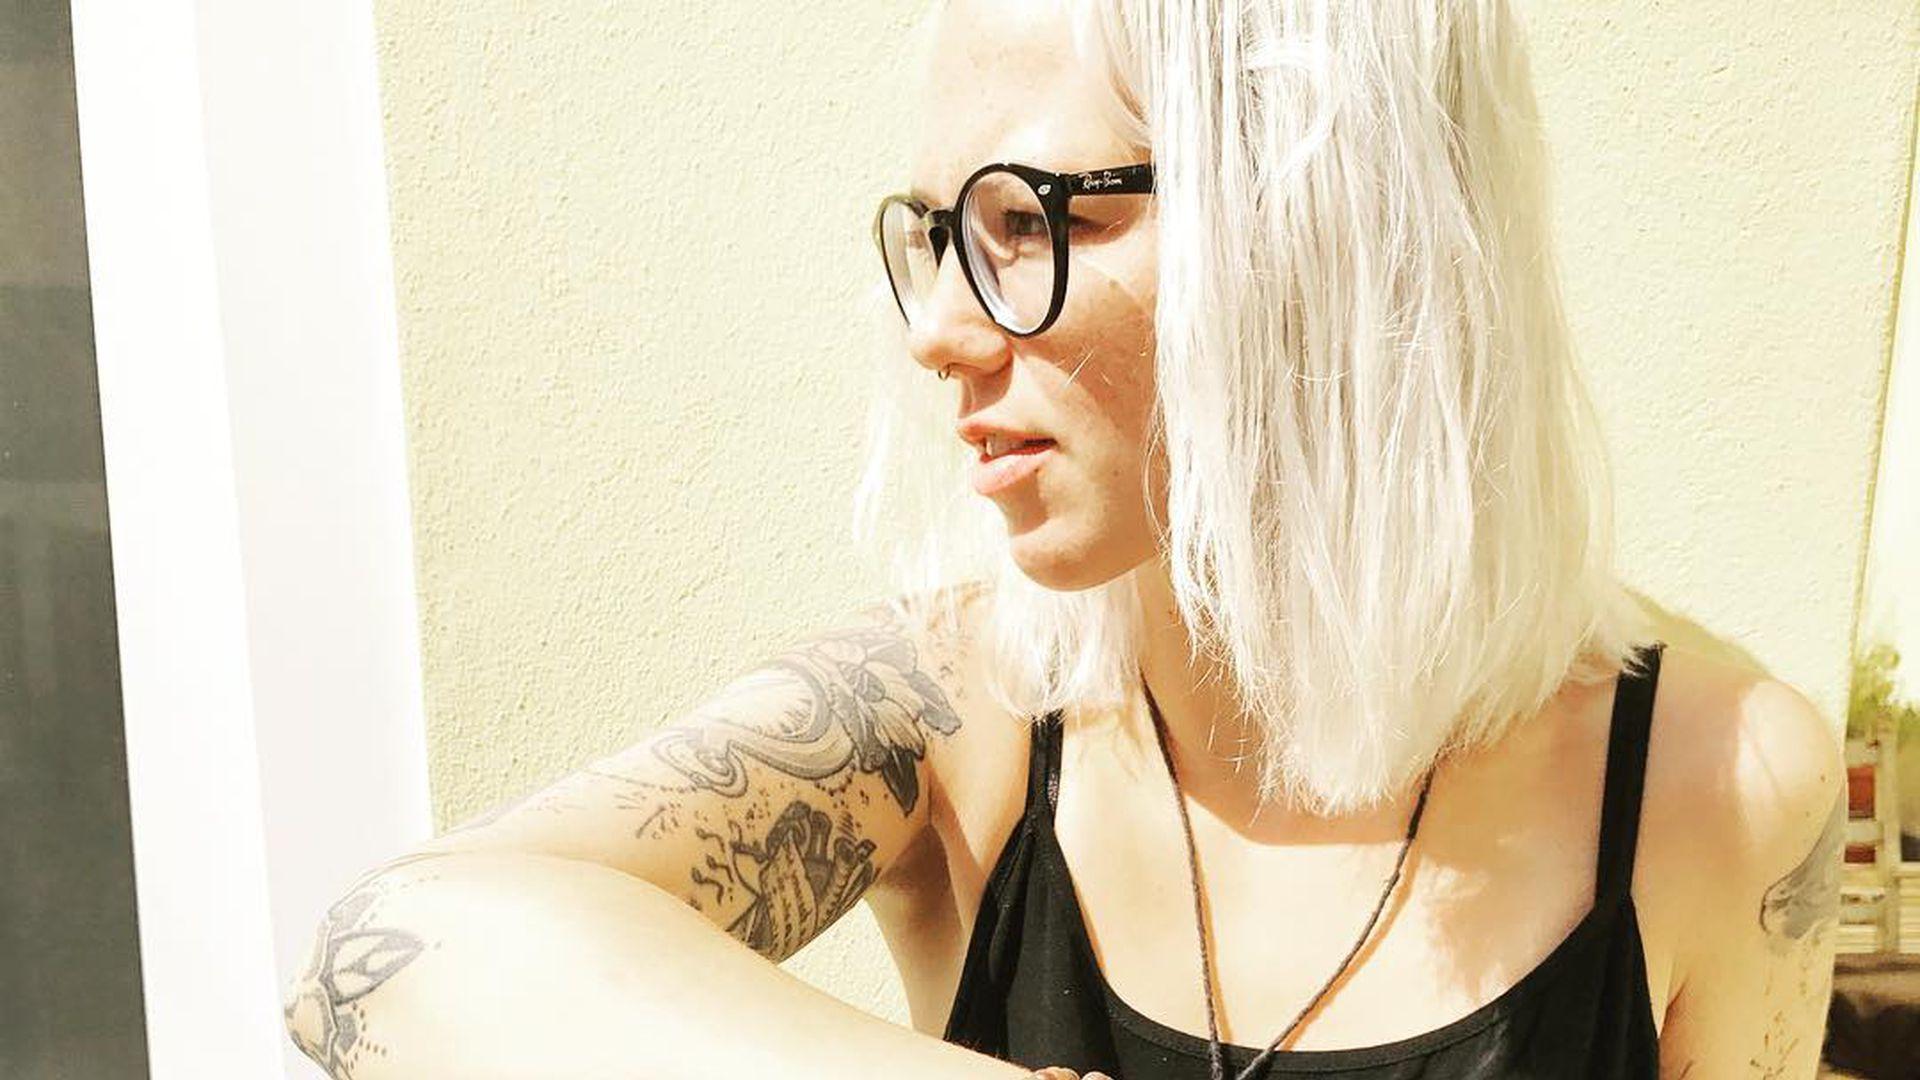 Kürzere Weiße Haare Das Ist Wirklich Stefanie Heinzmann